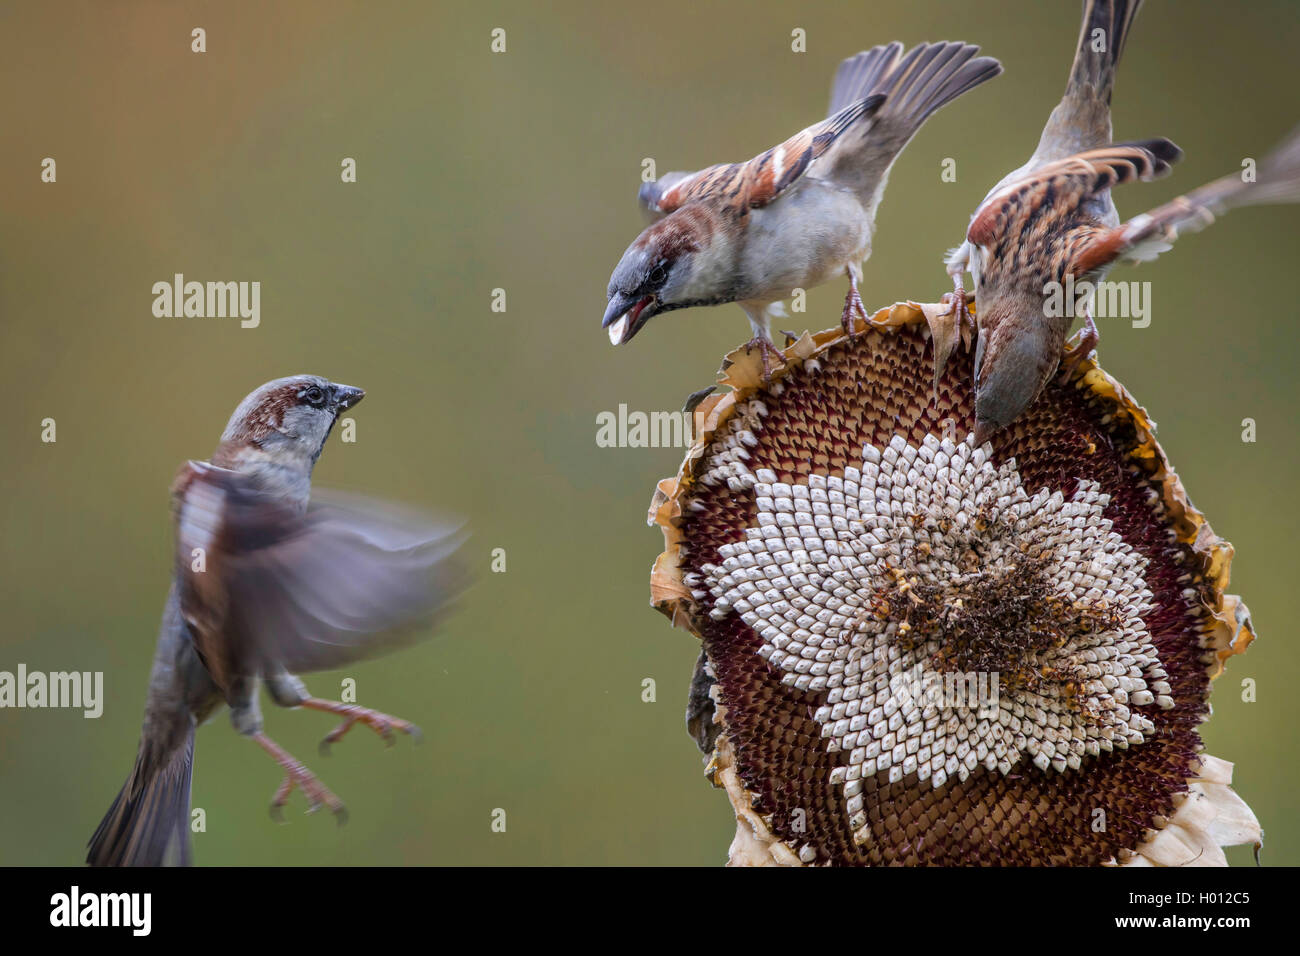 Haussperling, Haus-Sperling, Hausspatz, Haus-Spatz, Spatz (Passer domesticus), Spatzen fressen an einer Sonnenblume, - Stock Image